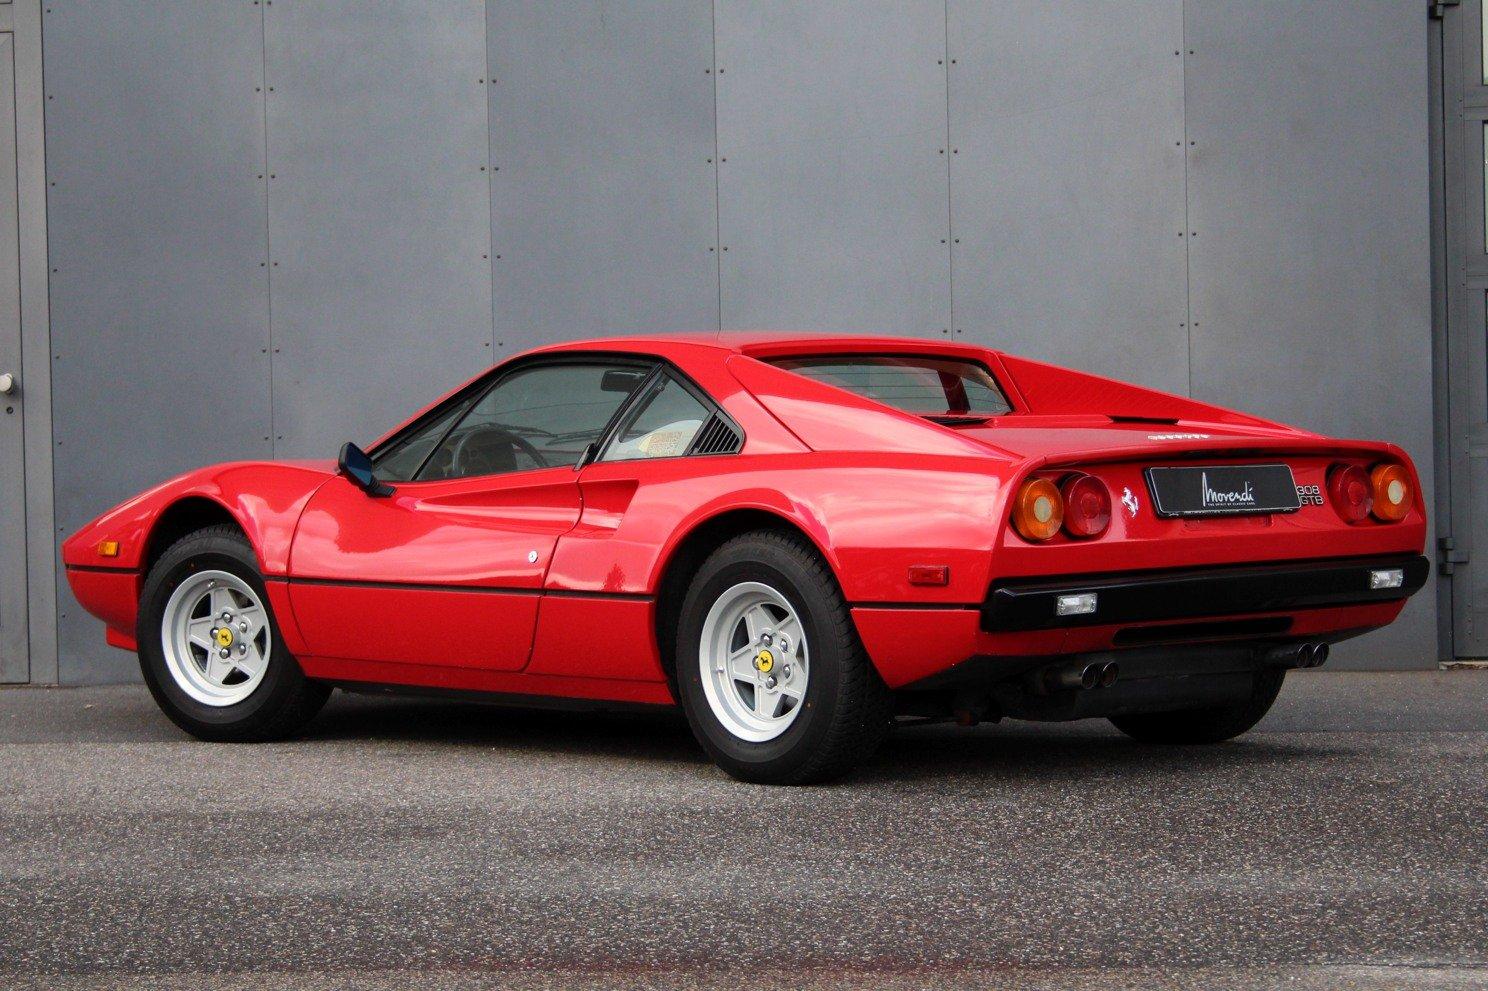 1976 Ferrari 308 GTB Vetroresina LHD (Rosso Chiaro) For Sale (picture 2 of 6)